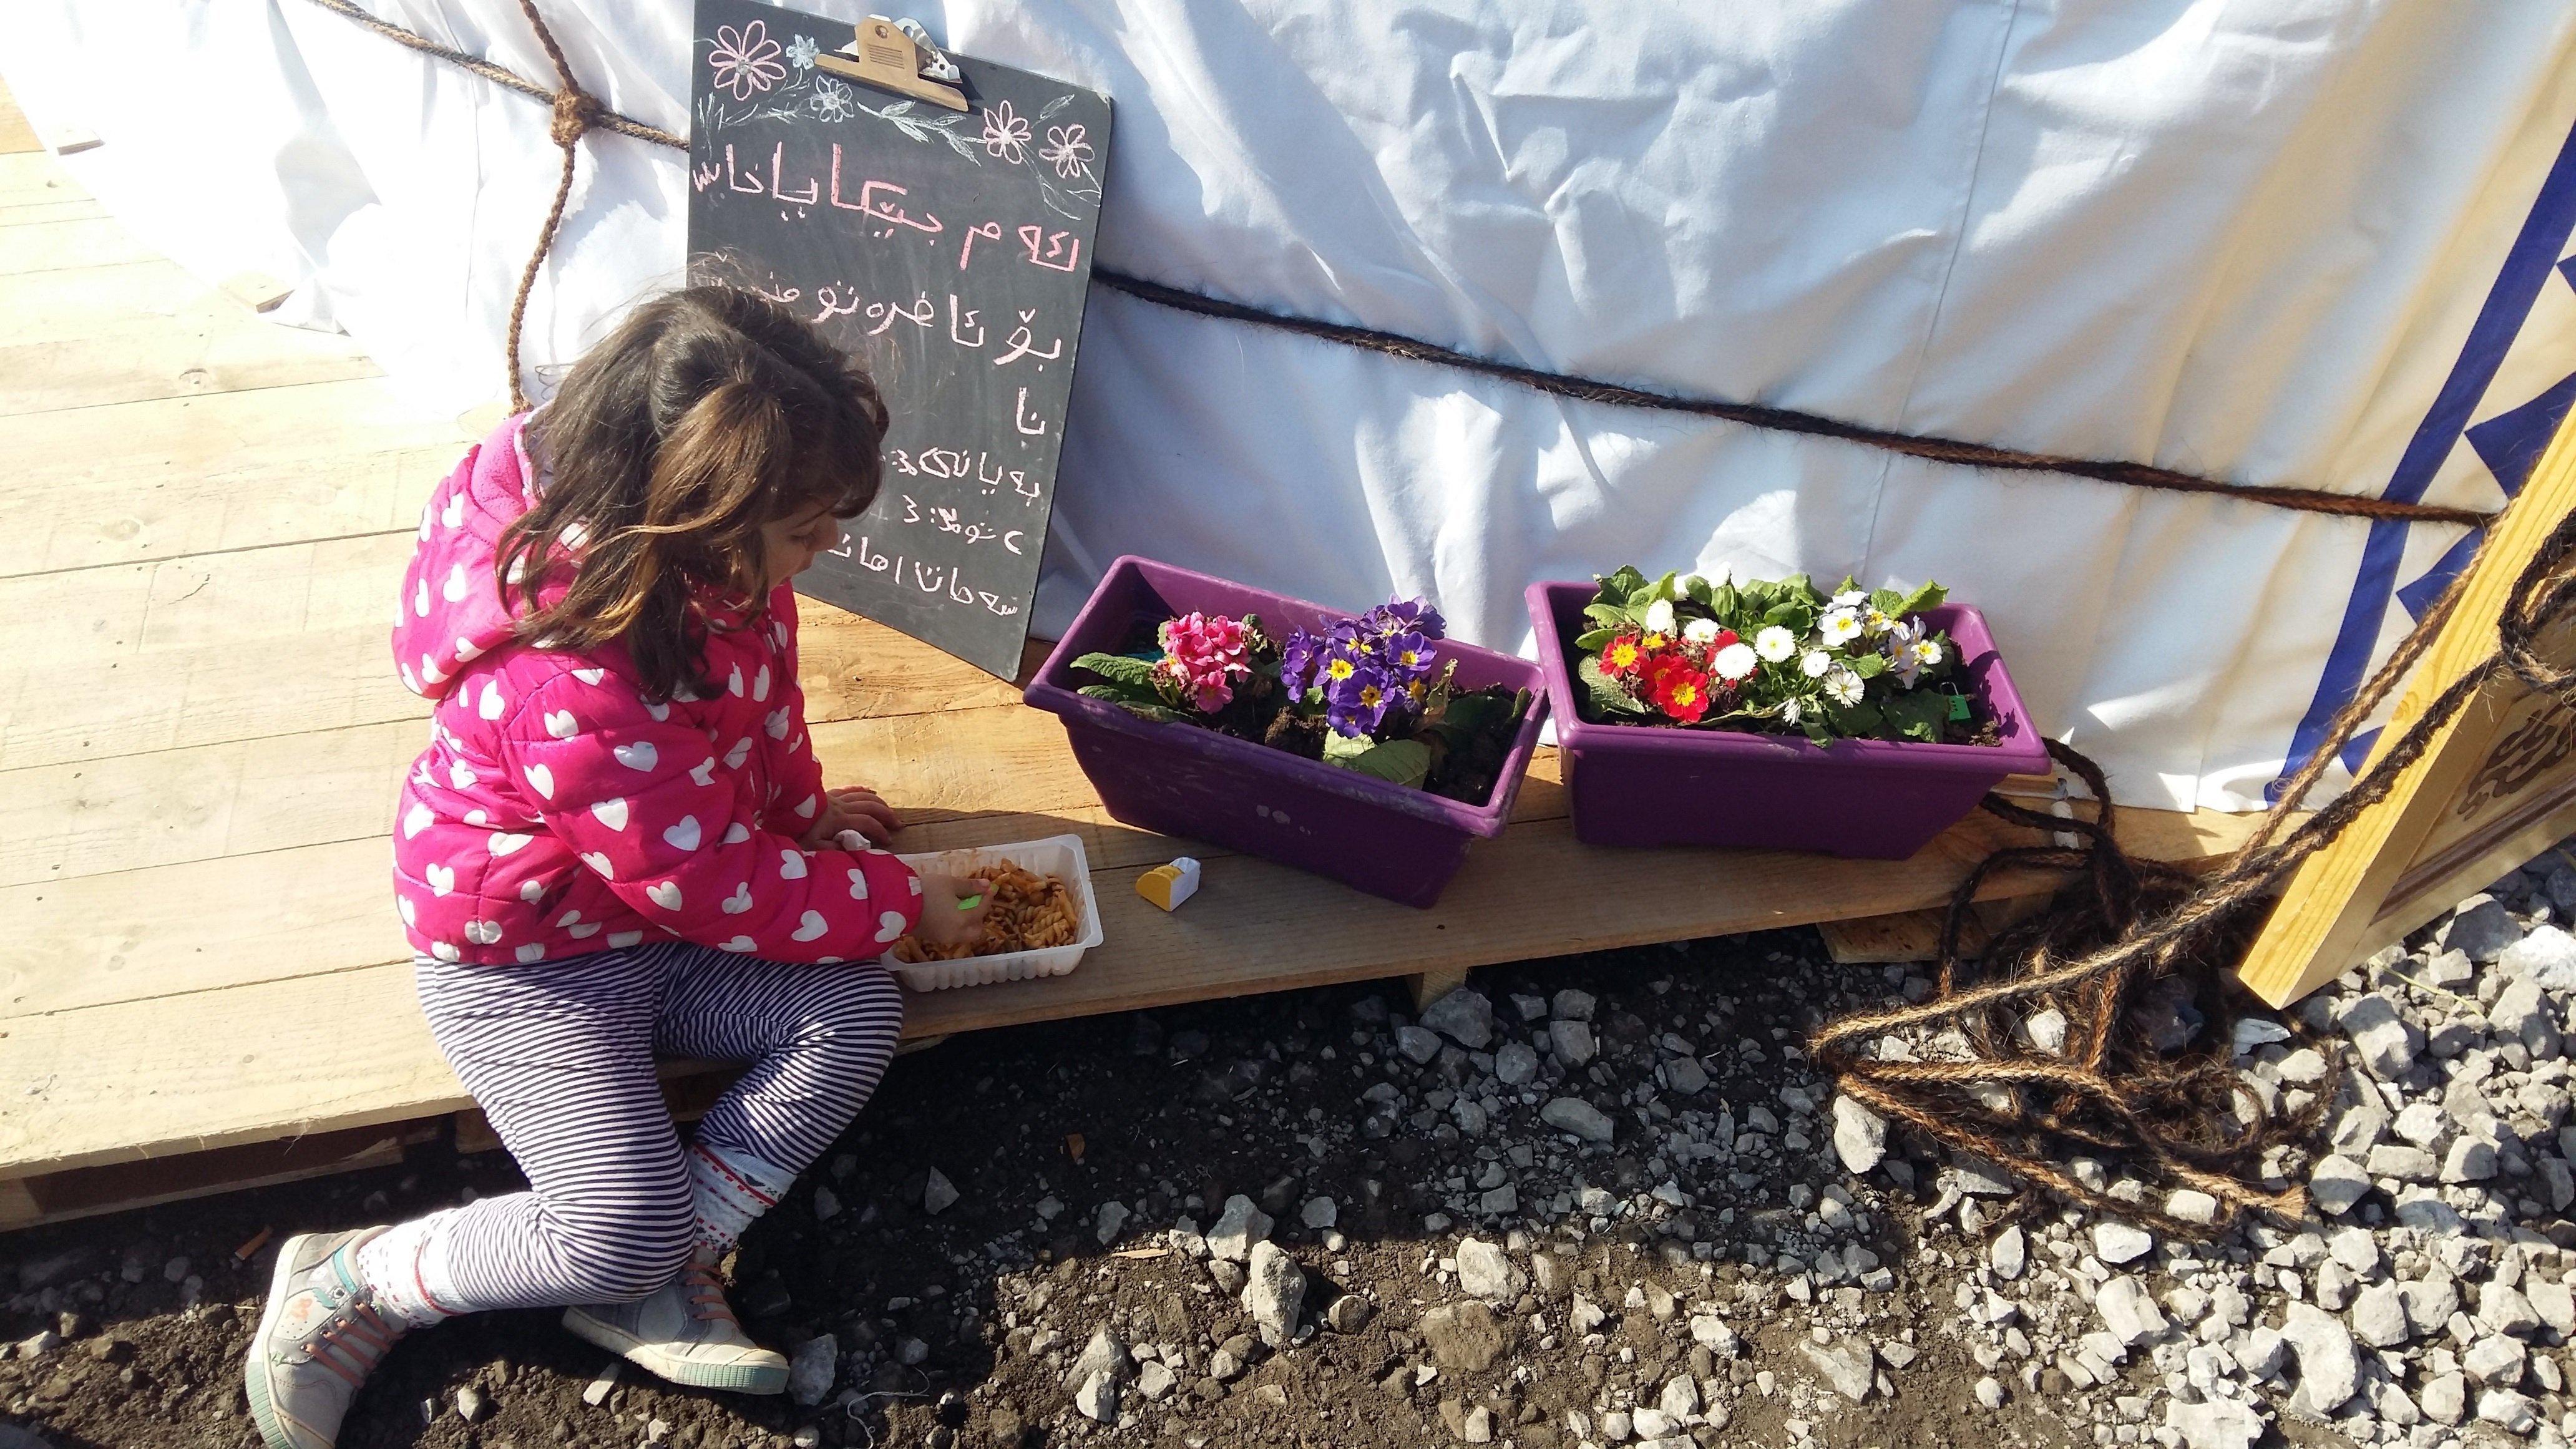 Déjeuner au pied d'une yourte, future école en construction. L'association SALAM, très investie sur le site, offre repas et vêtements.